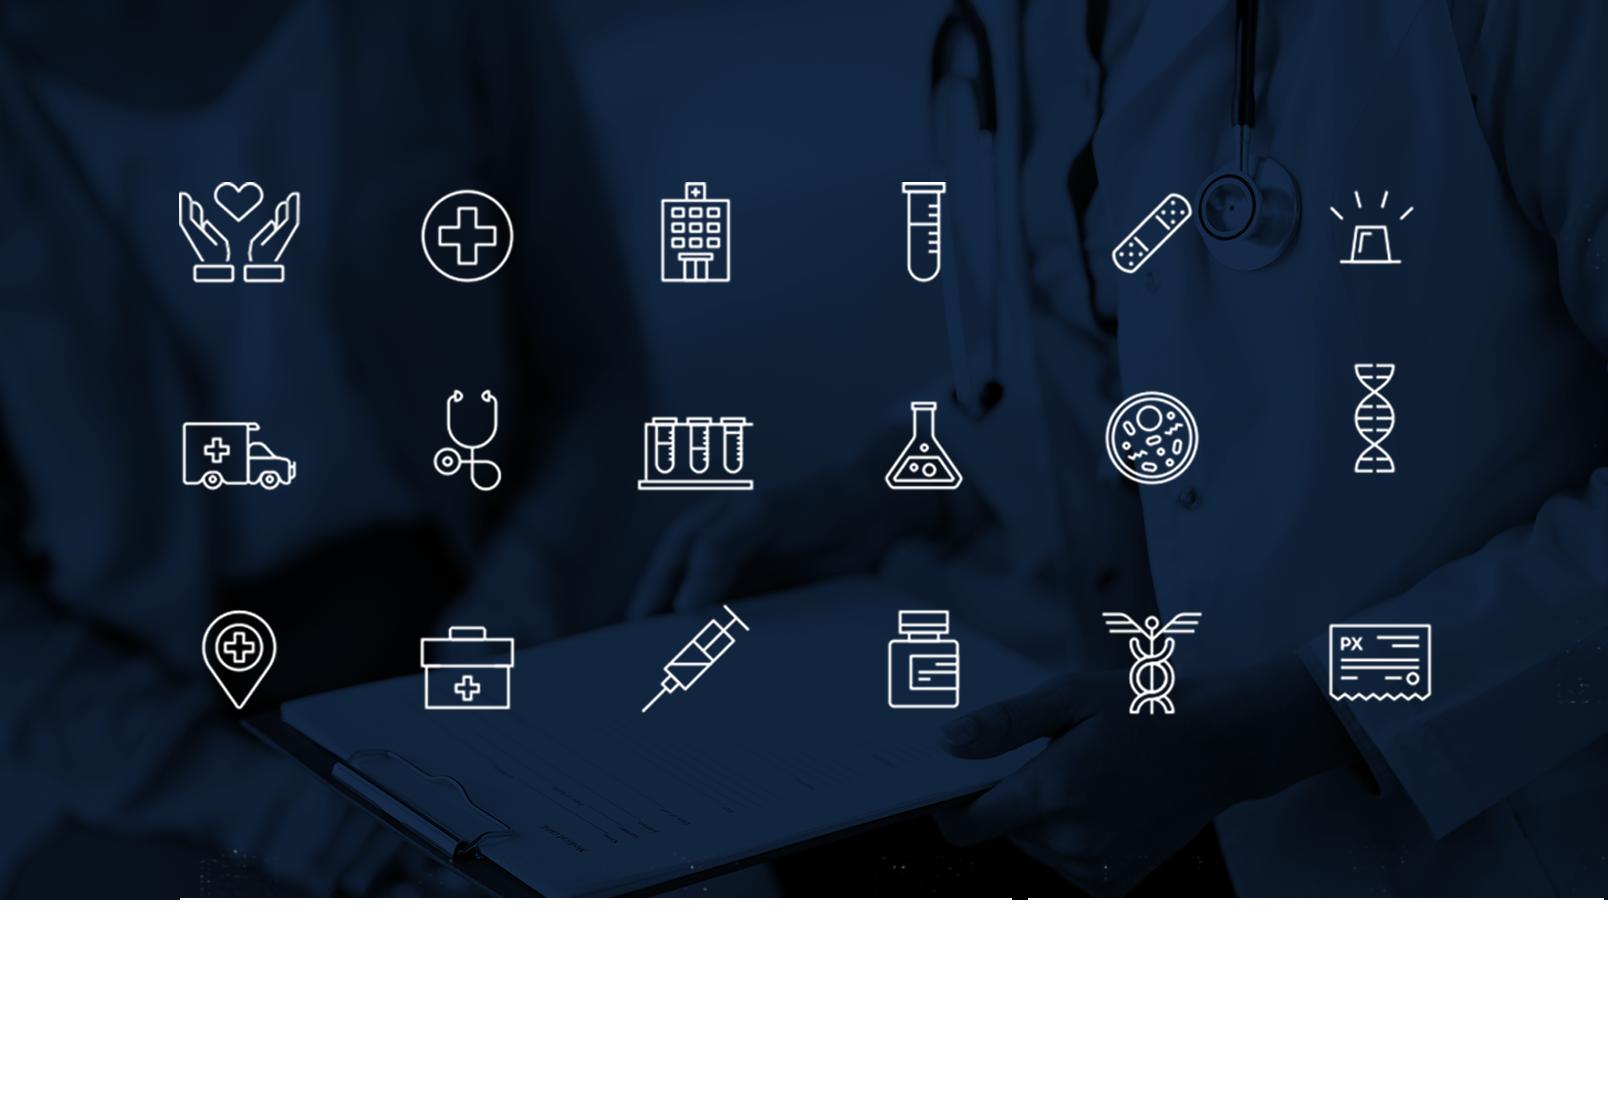 5-icons